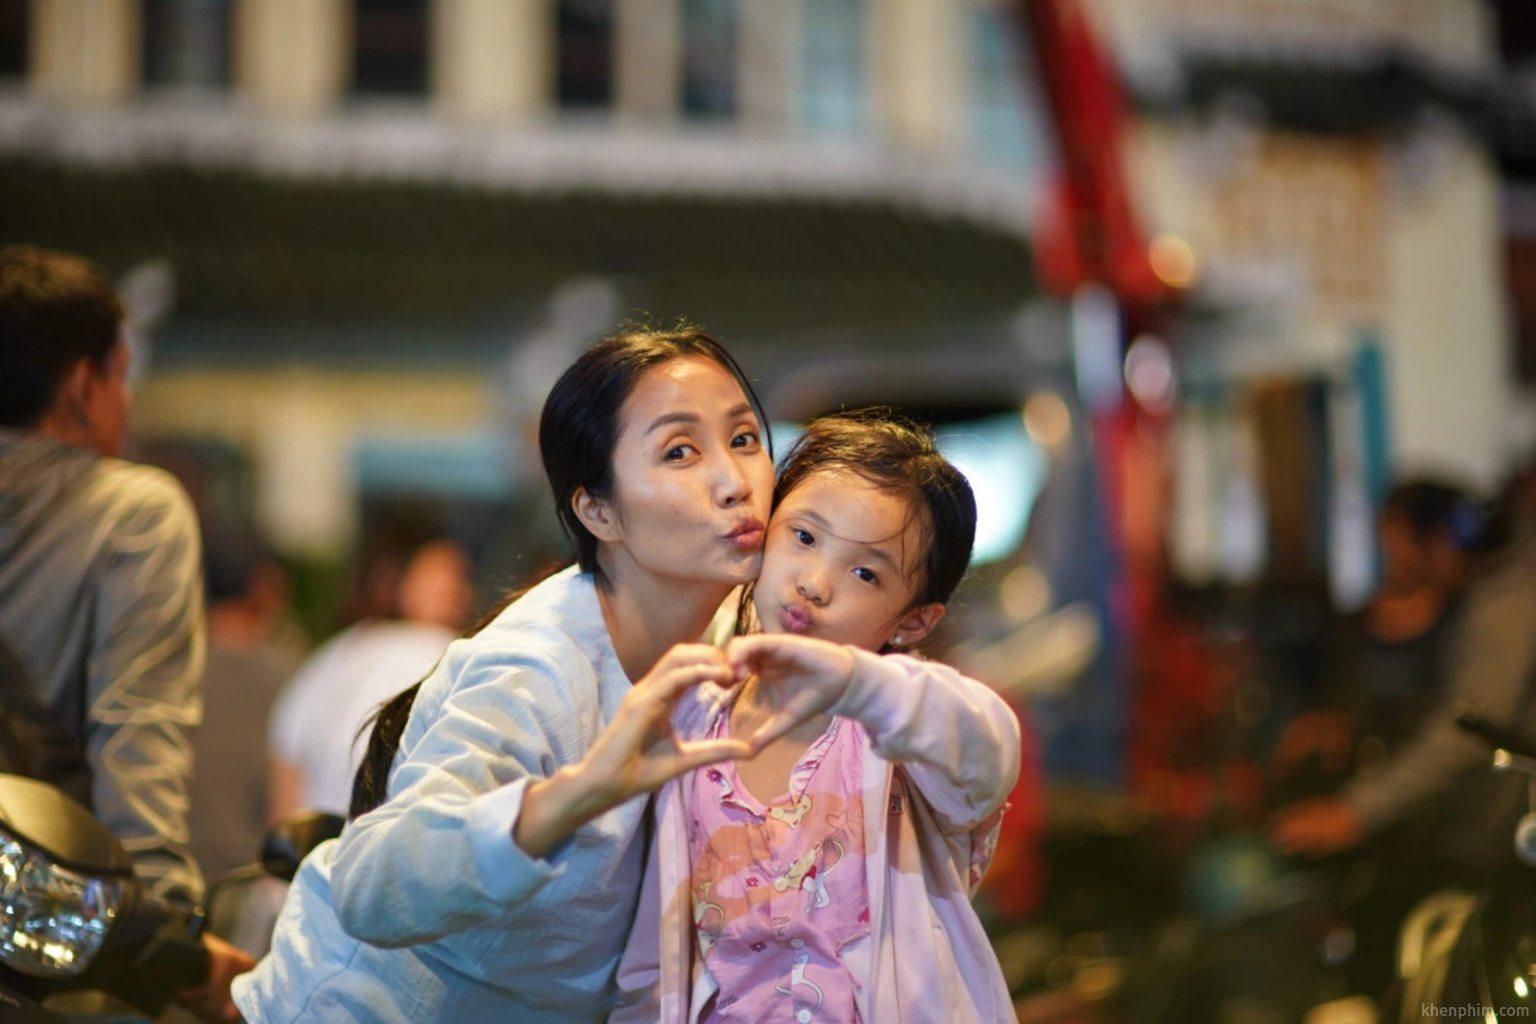 Ốc Thanh Vân đã có một vai diễn khiến khán giả ấn tượng trong Lật Mặt: 48H